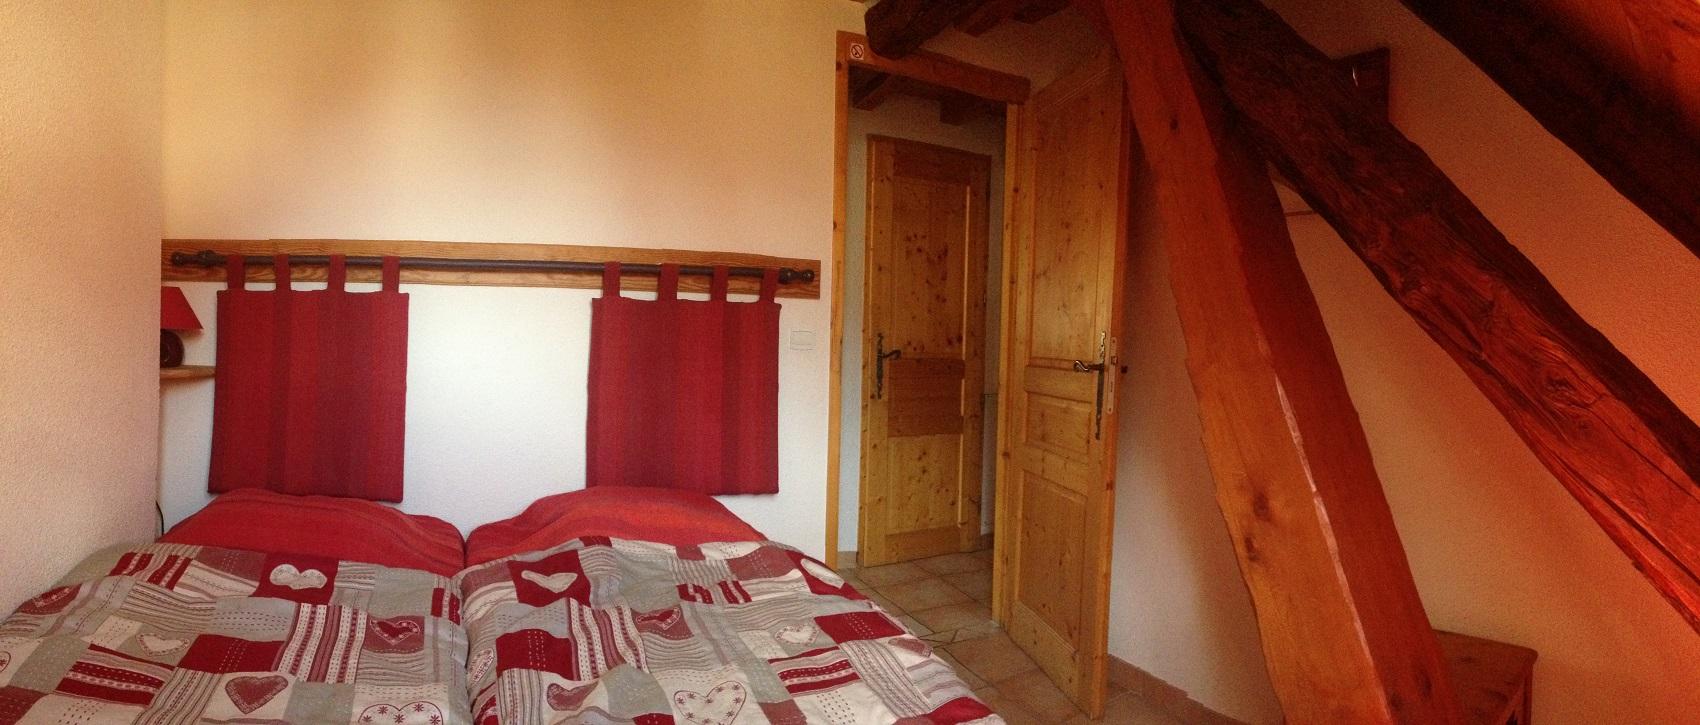 location appartement aya serre chevalier 1500 le monetier les bains appartement à louer alpes AYA